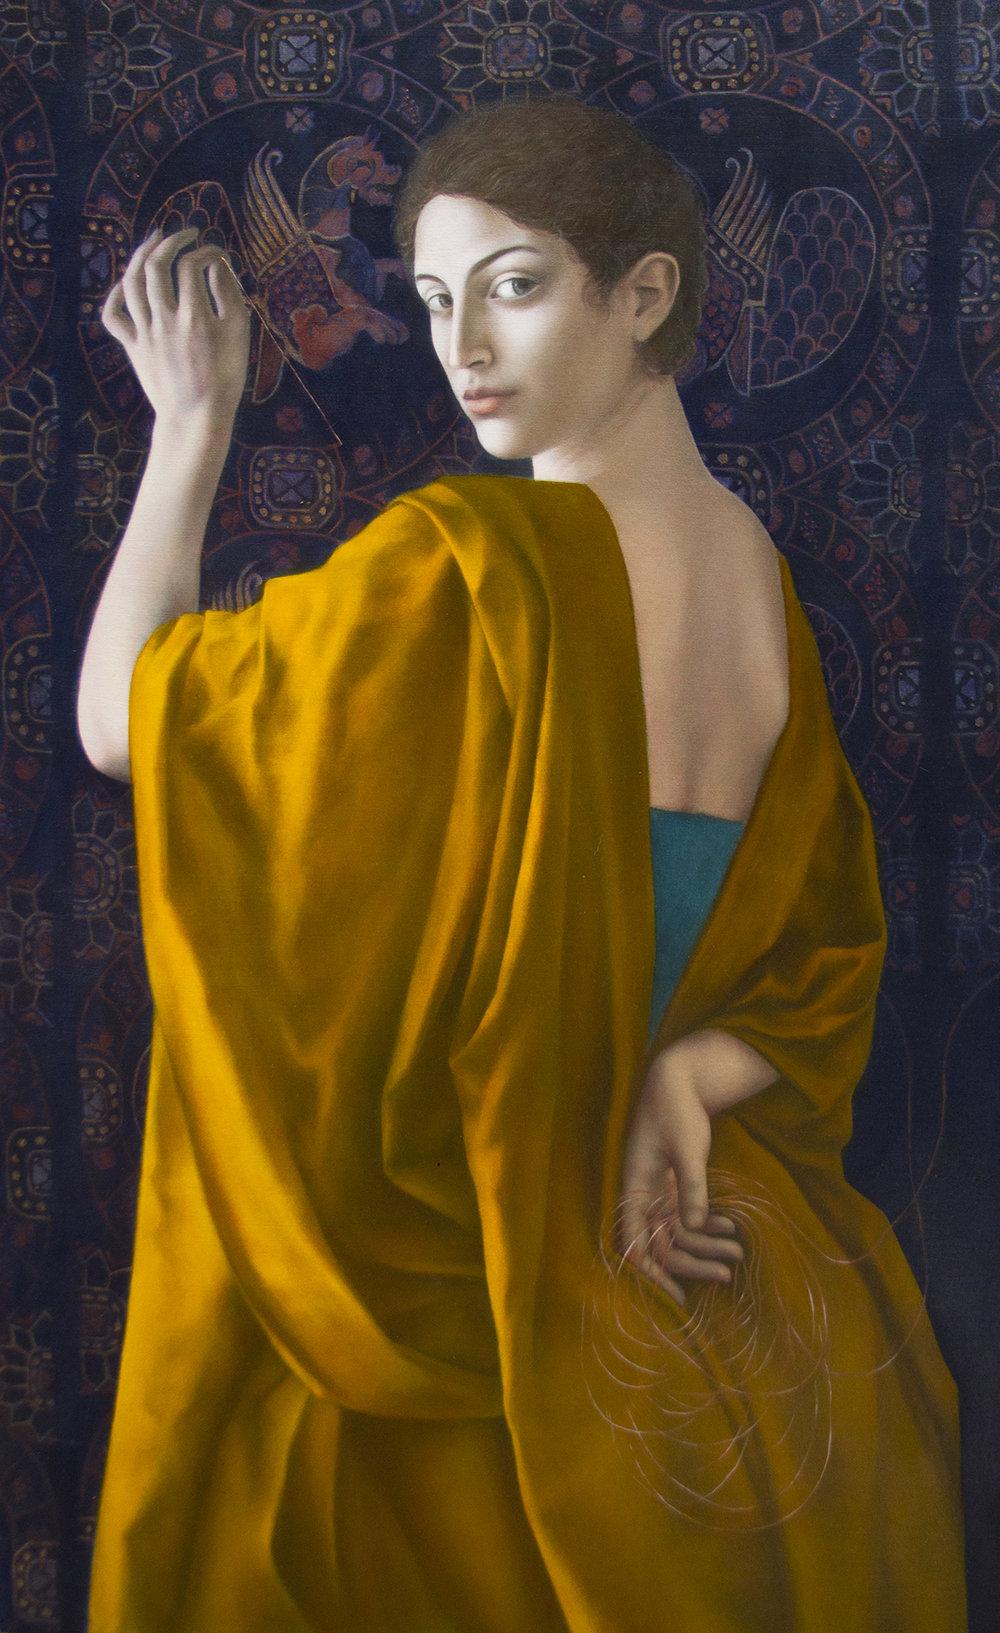 Deus ex Machina, oil on canvas, 121 cm 75, 2014